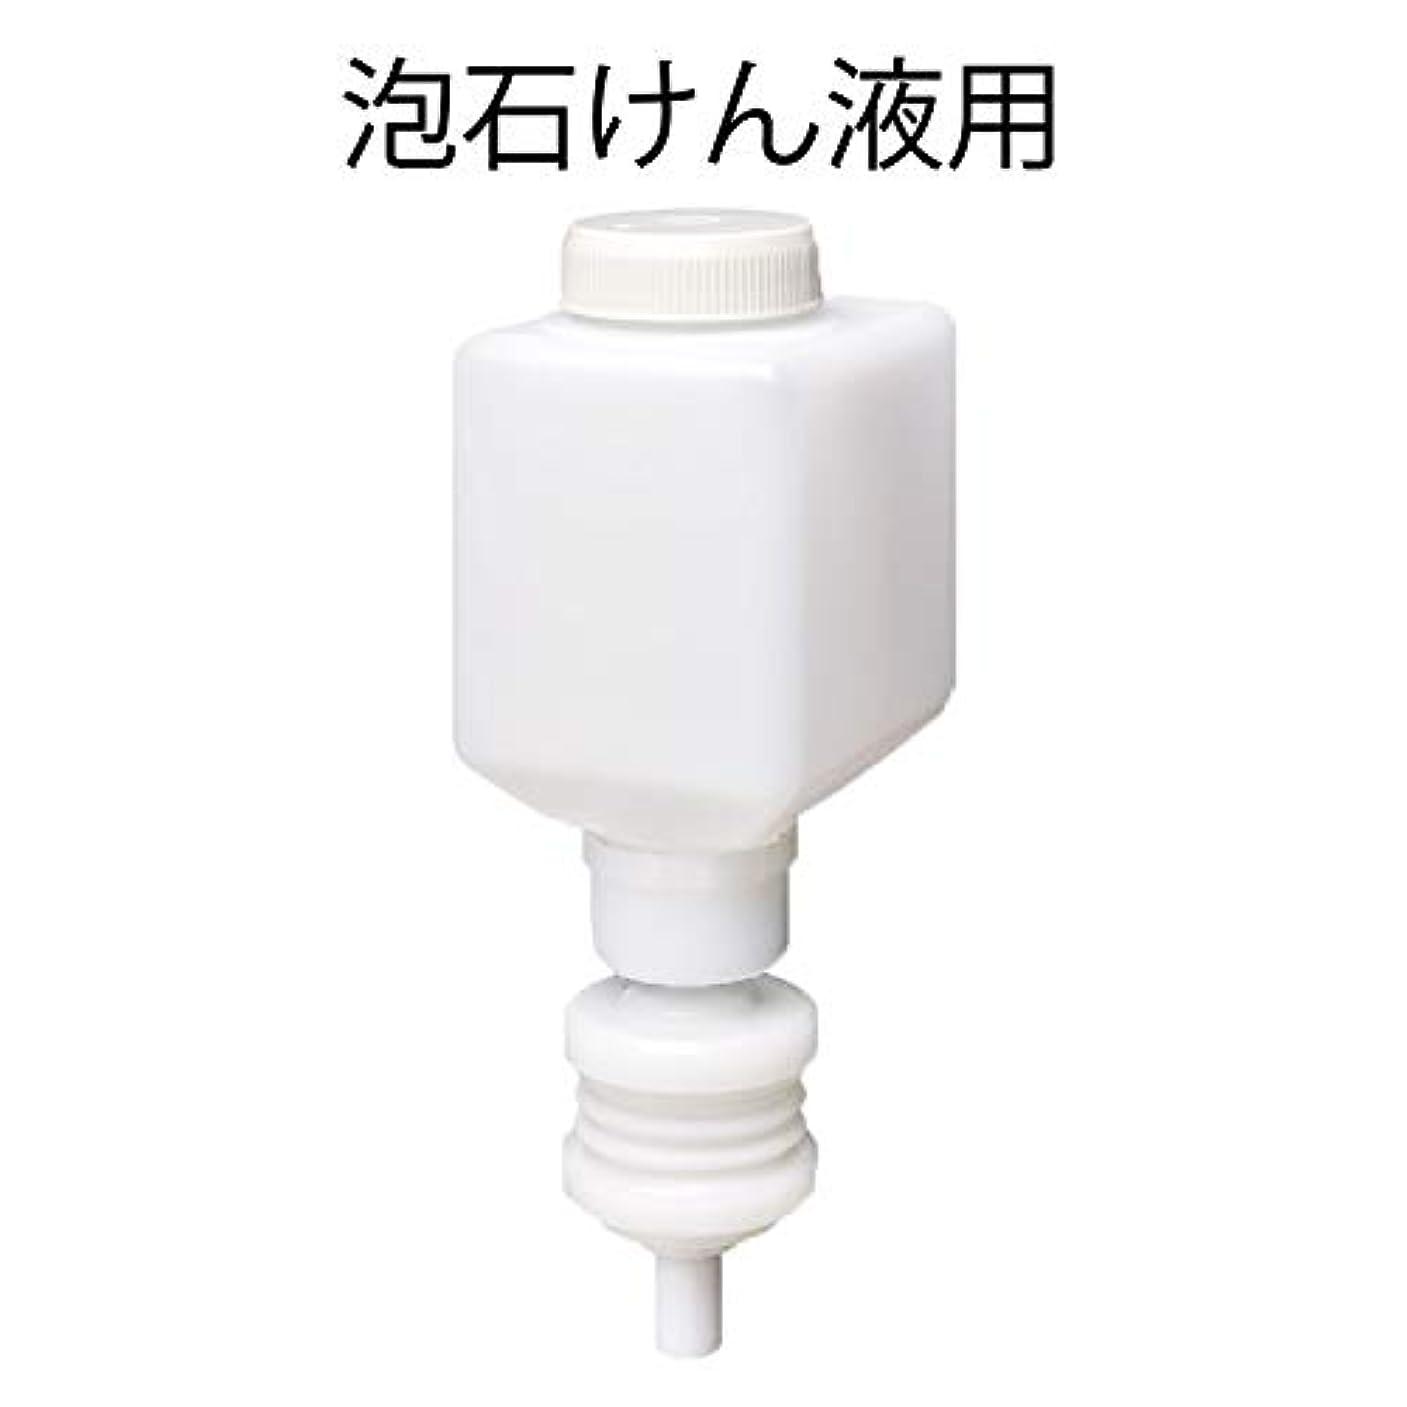 シェルターコロニー闇サラヤ カートリッジボトル 石けん液泡タイプ用 250ml MD-300